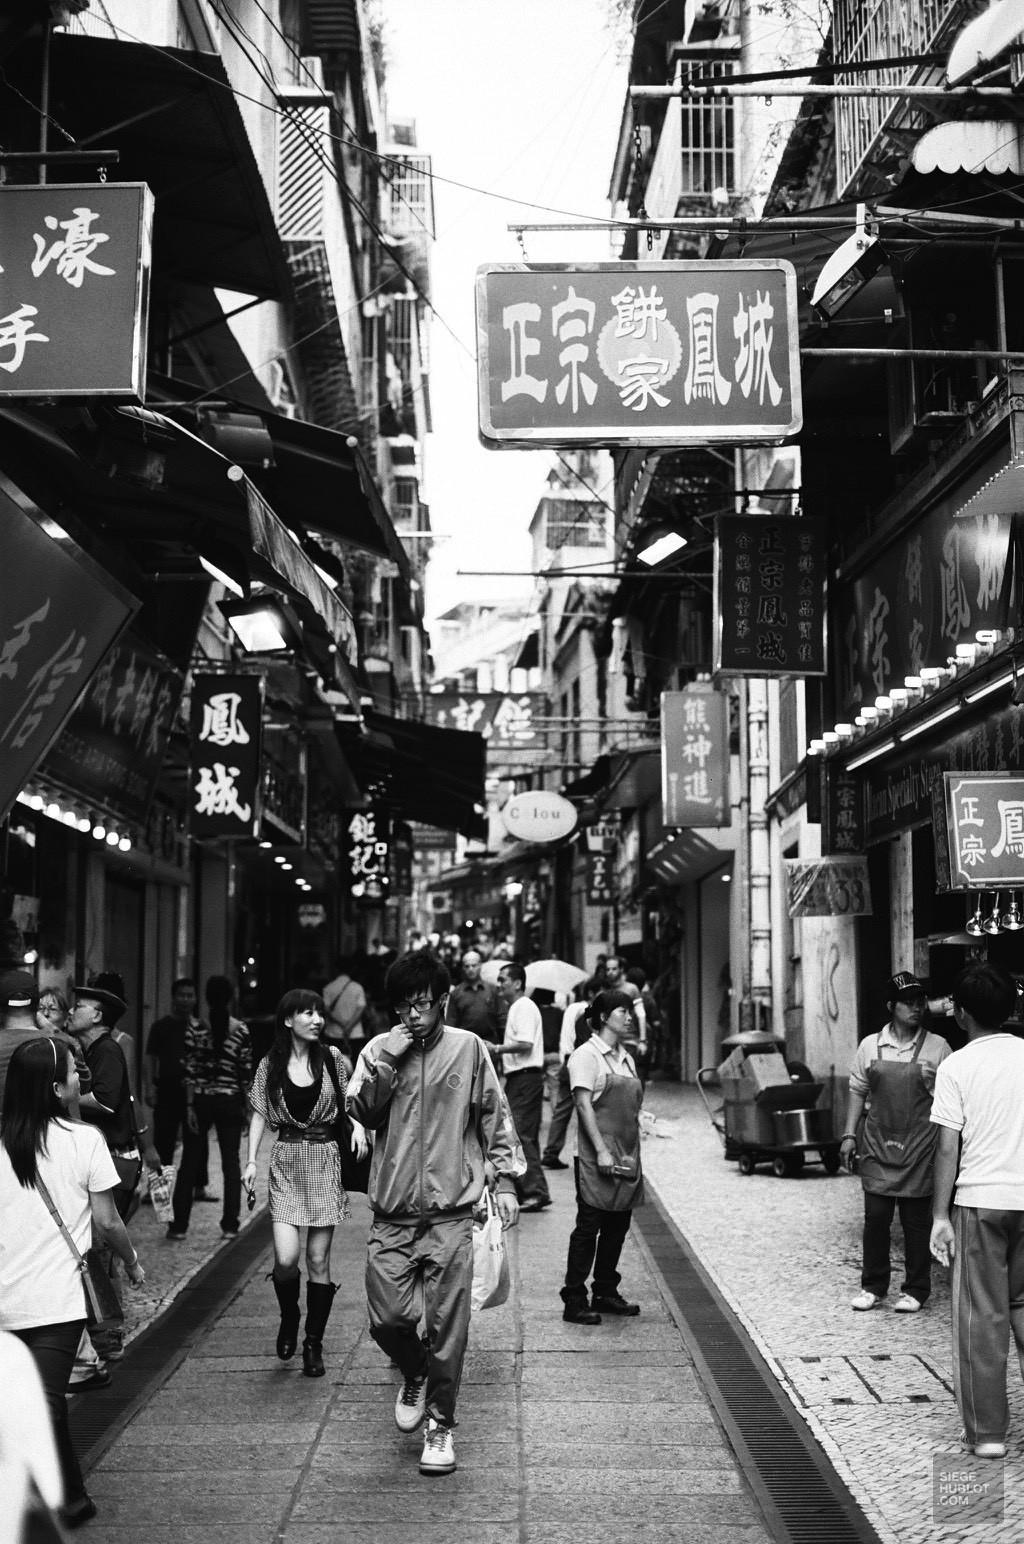 Les Macanais - Un peu de démographie - Découvrir Macao - Destination, Asie, Chine